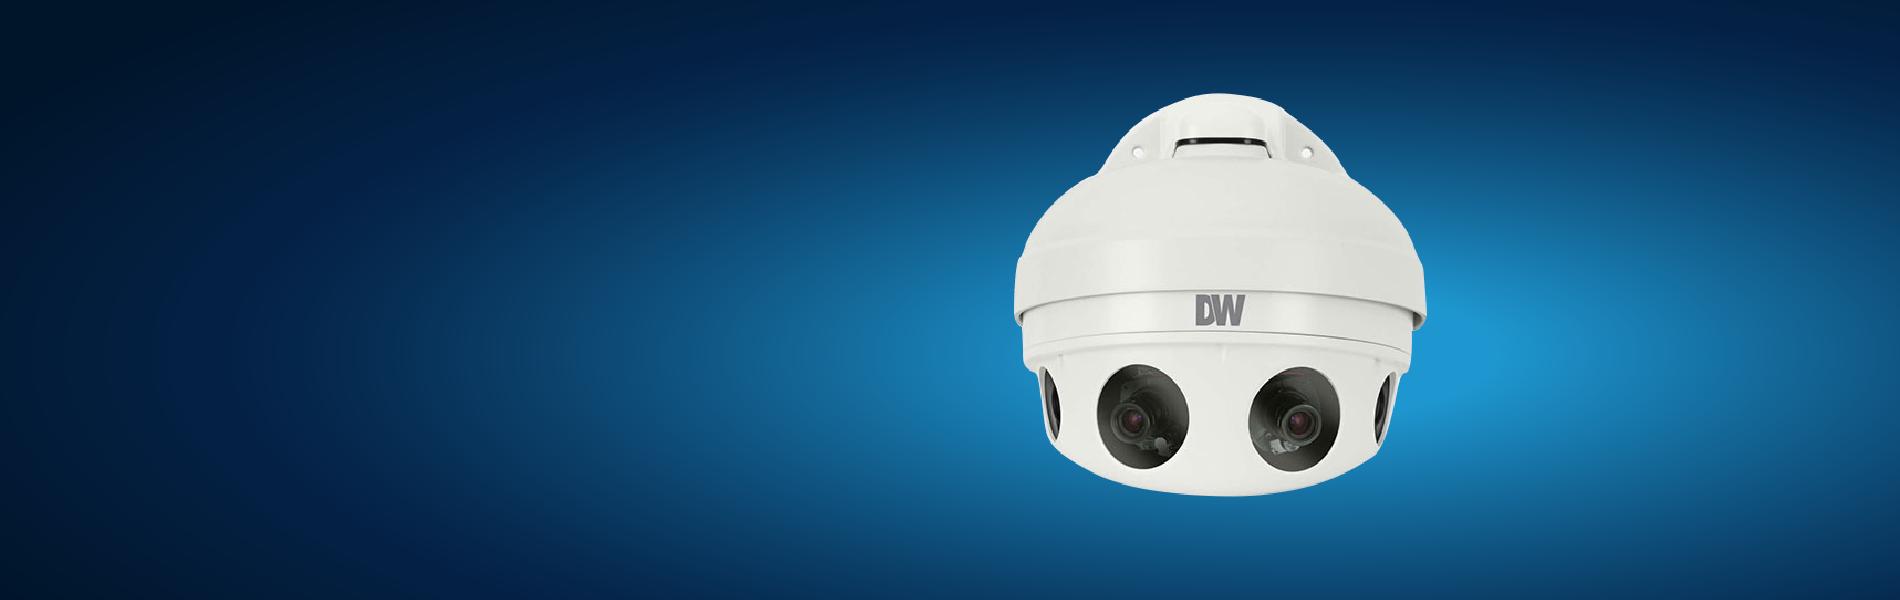 Digital-watchdog-camera